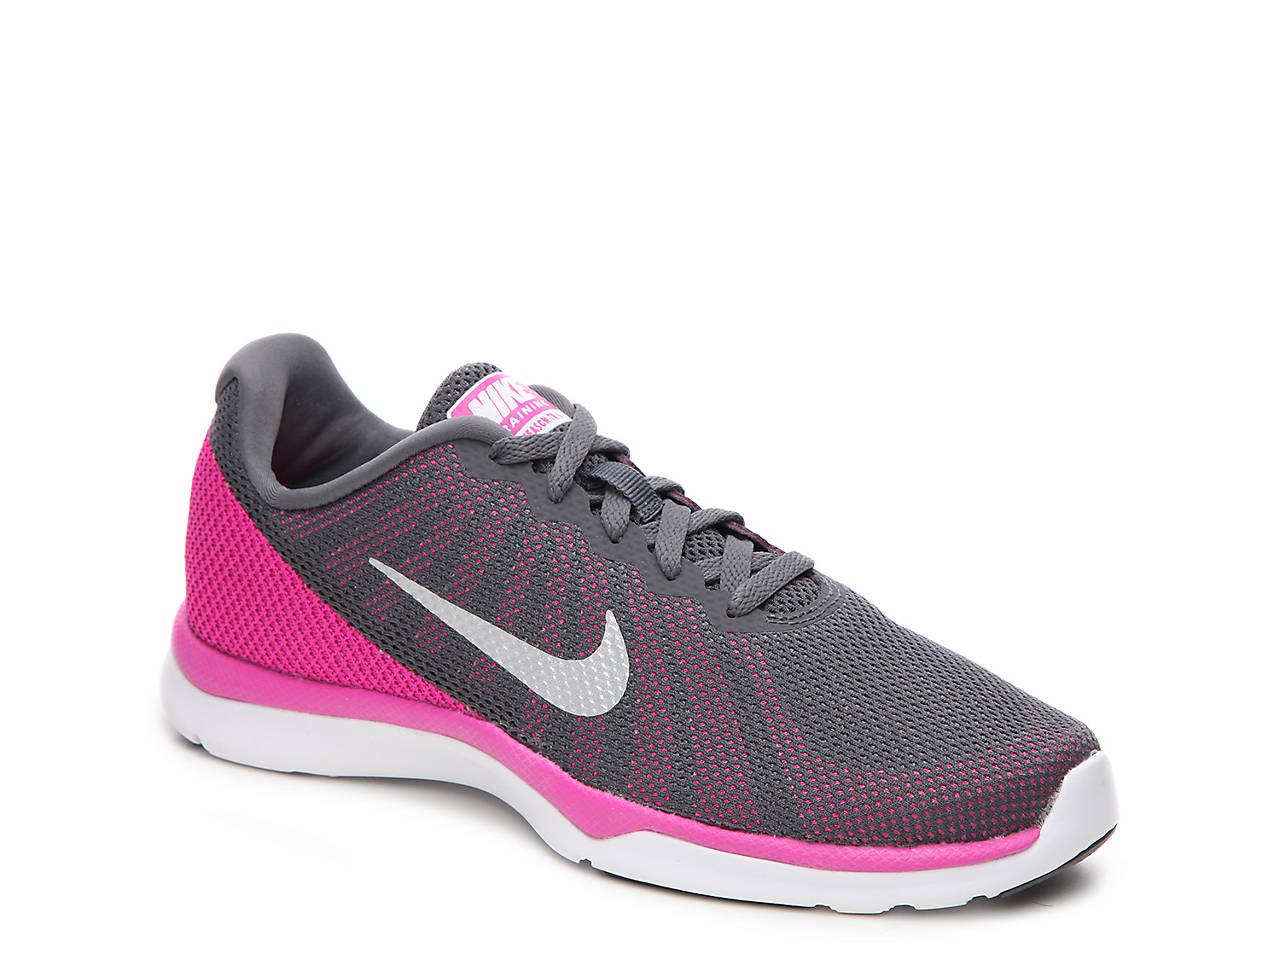 Nike In Season TR 6 Training Shoe (Women's)